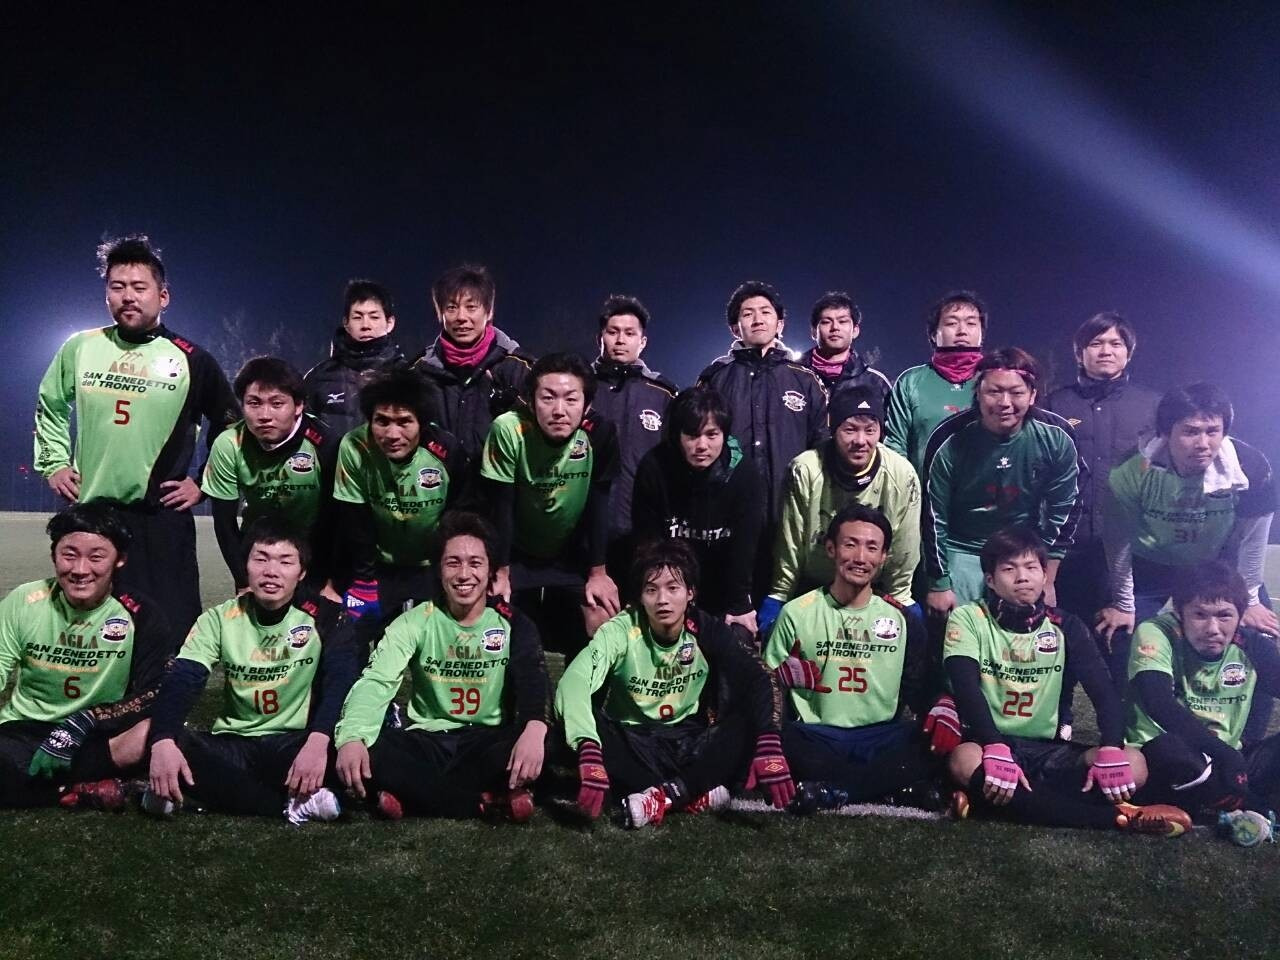 2014/1/12 服部緑地人工芝サッカー場  vs FC西宮  vs fiducia